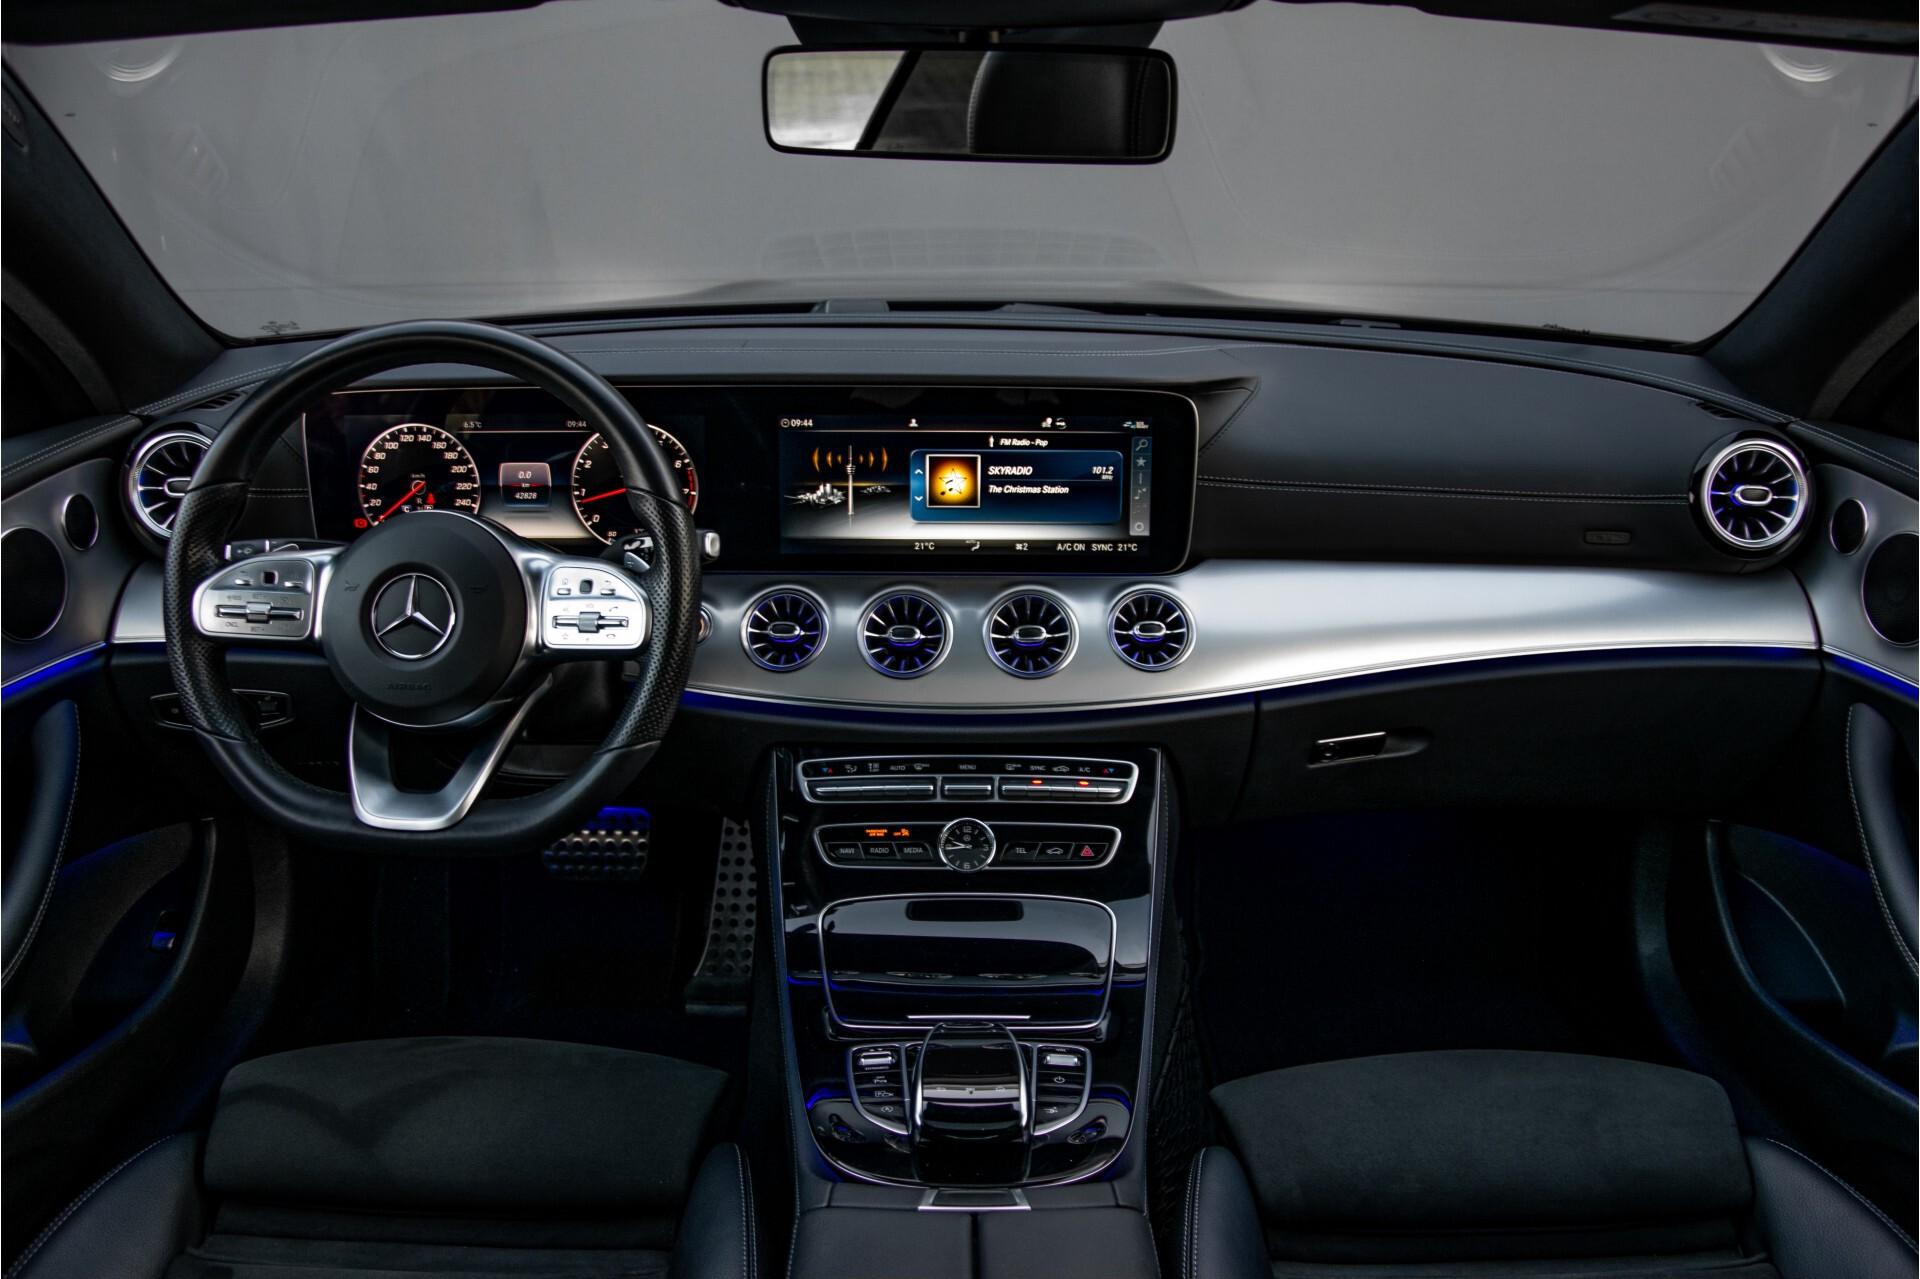 Mercedes-Benz E-Klasse Coupé 200 AMG Panorama/Night/Carbon/Premium/Widescreen/ILS Aut9 Foto 6